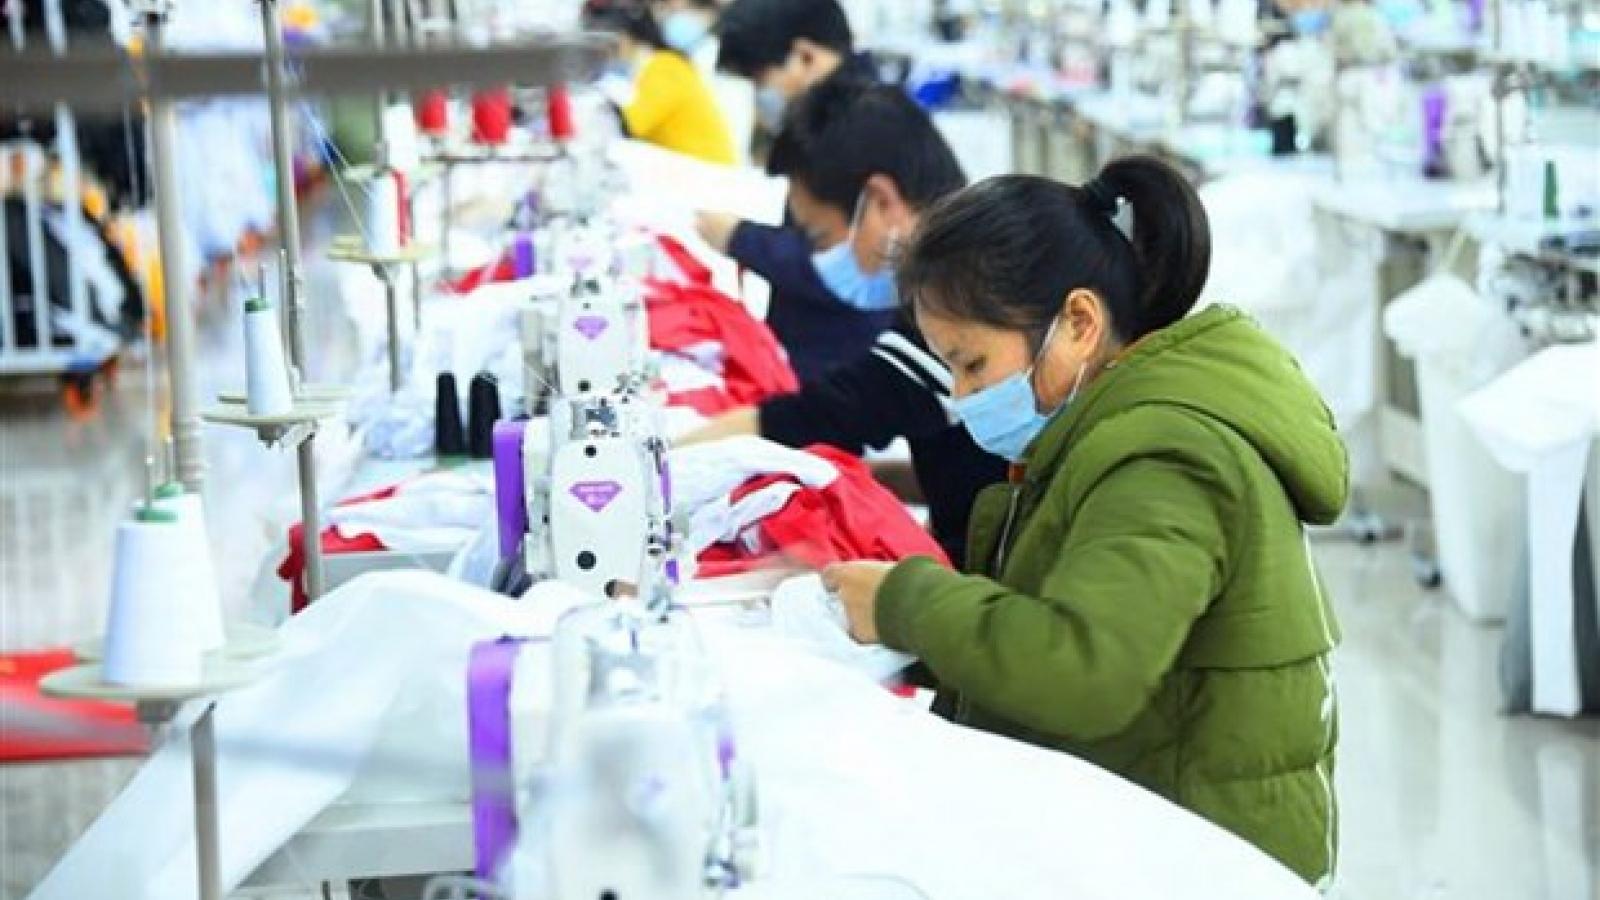 Trung Quốc sẽ vượt qua Mỹ trở thành nền kinh tế lớn nhất thế giới vào năm 2028